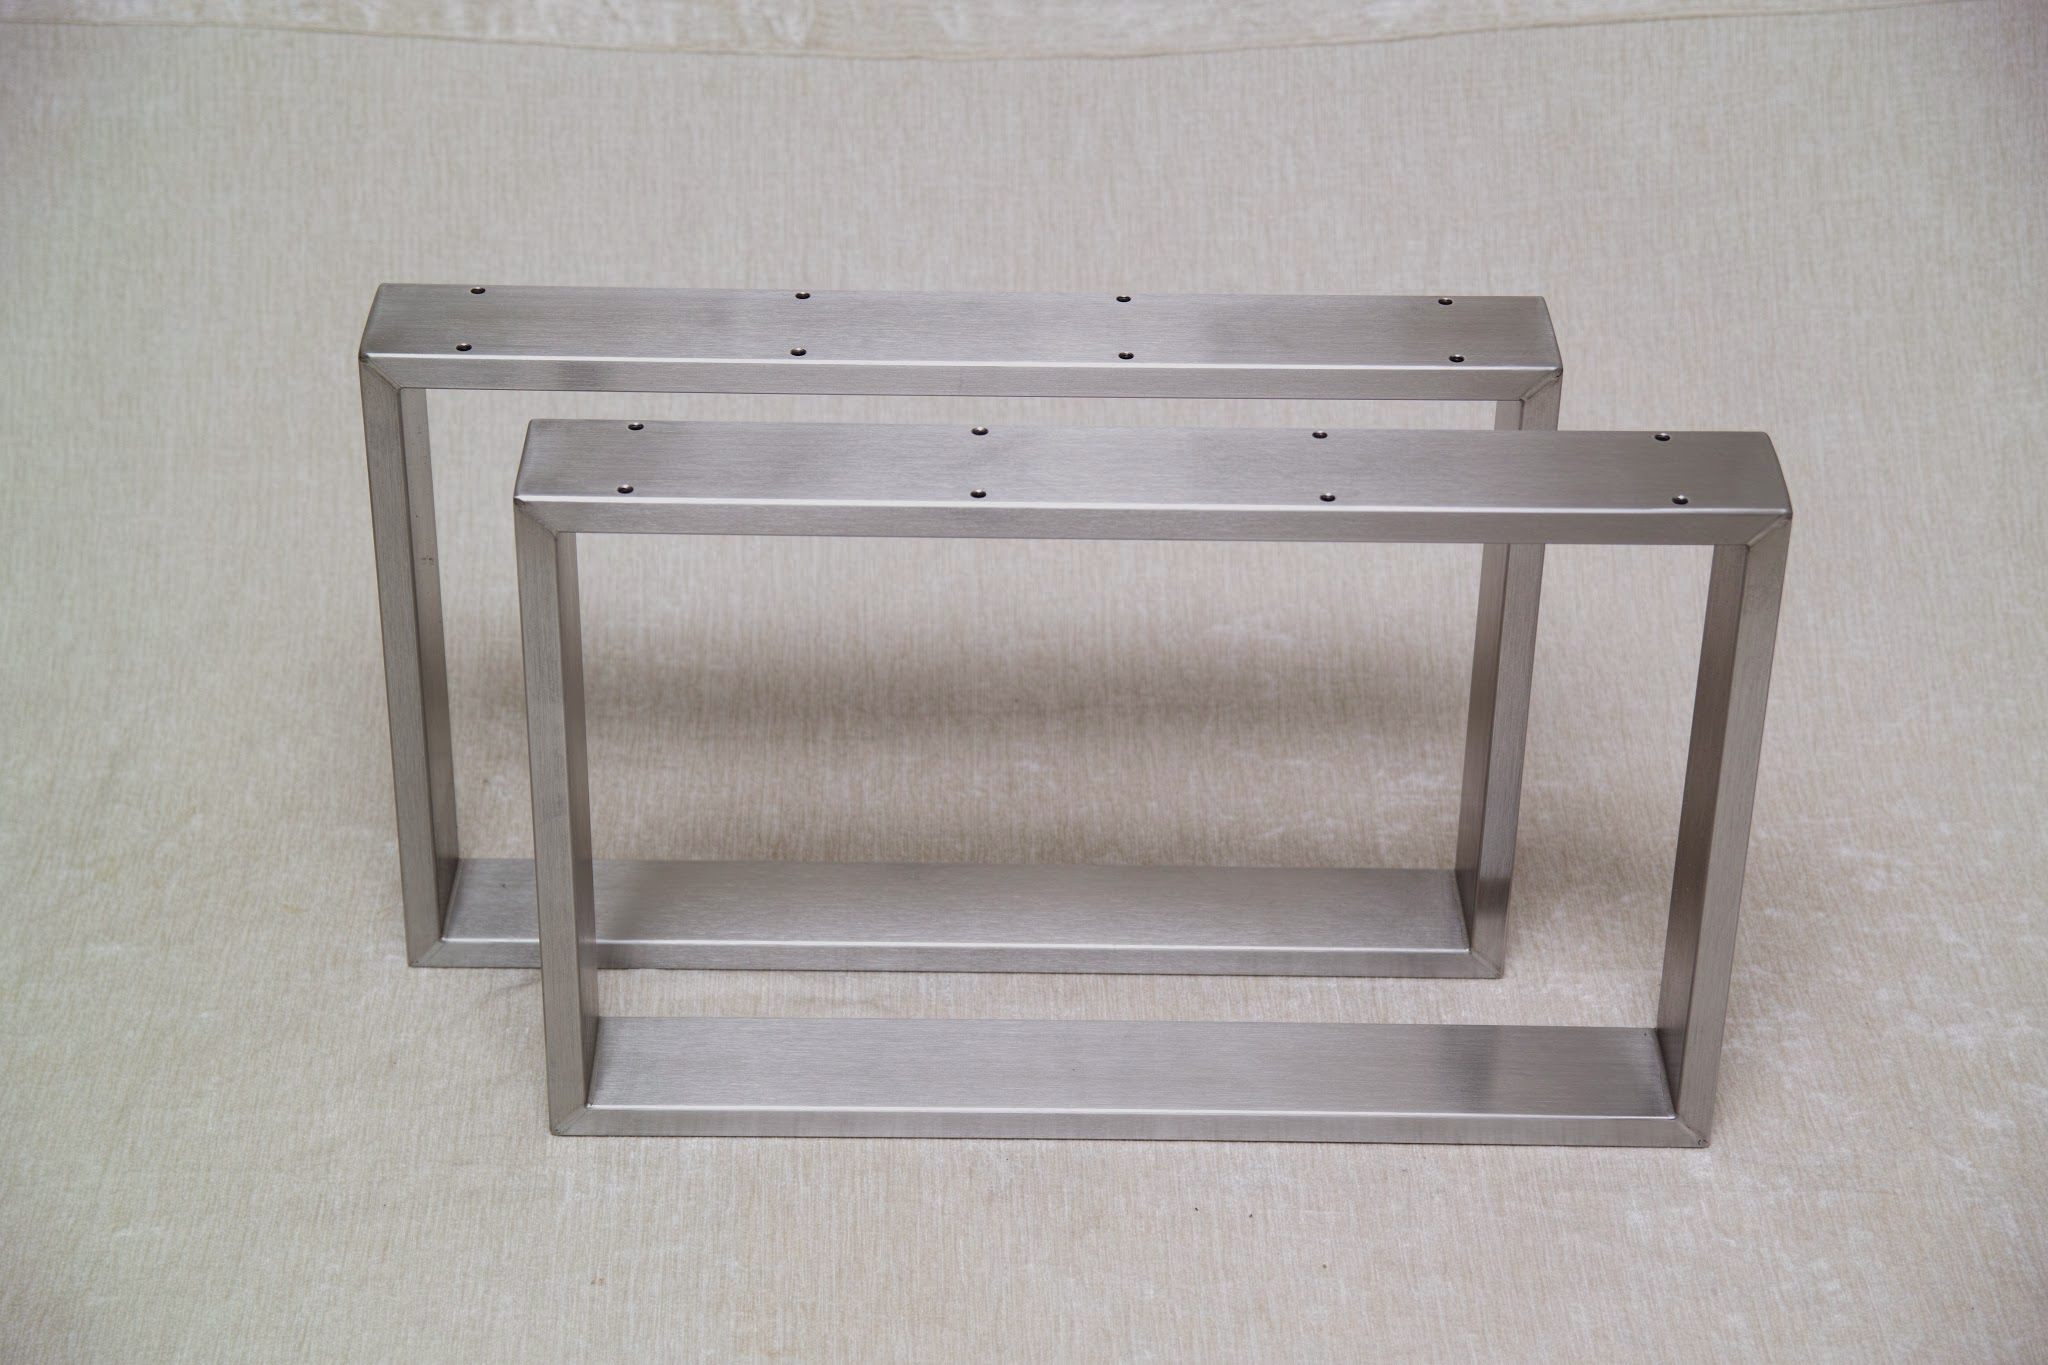 Stahl tischkufen edelstahl metallbau stelzer for Couchtisch kufen